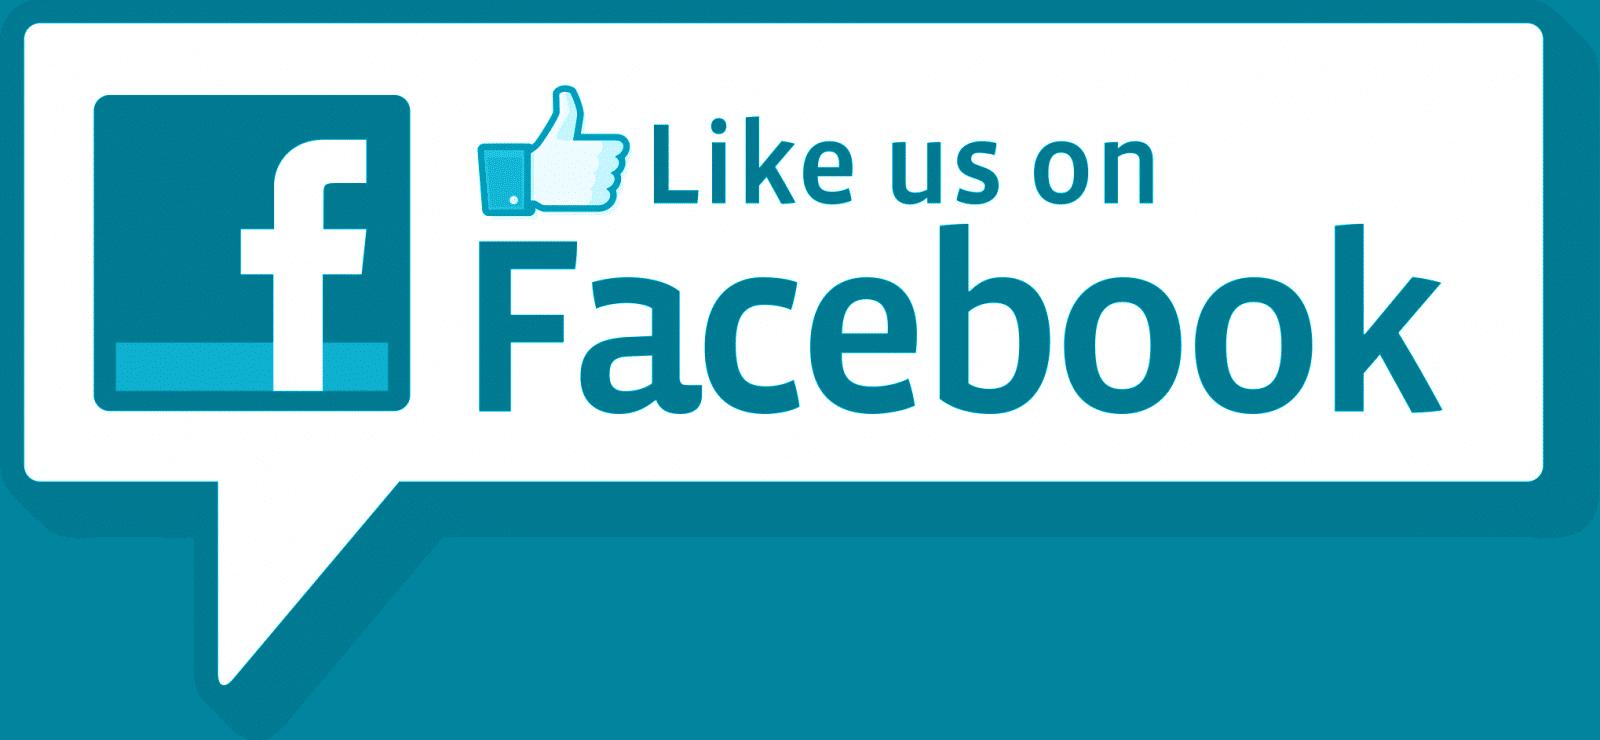 like us on facebook talk bubble